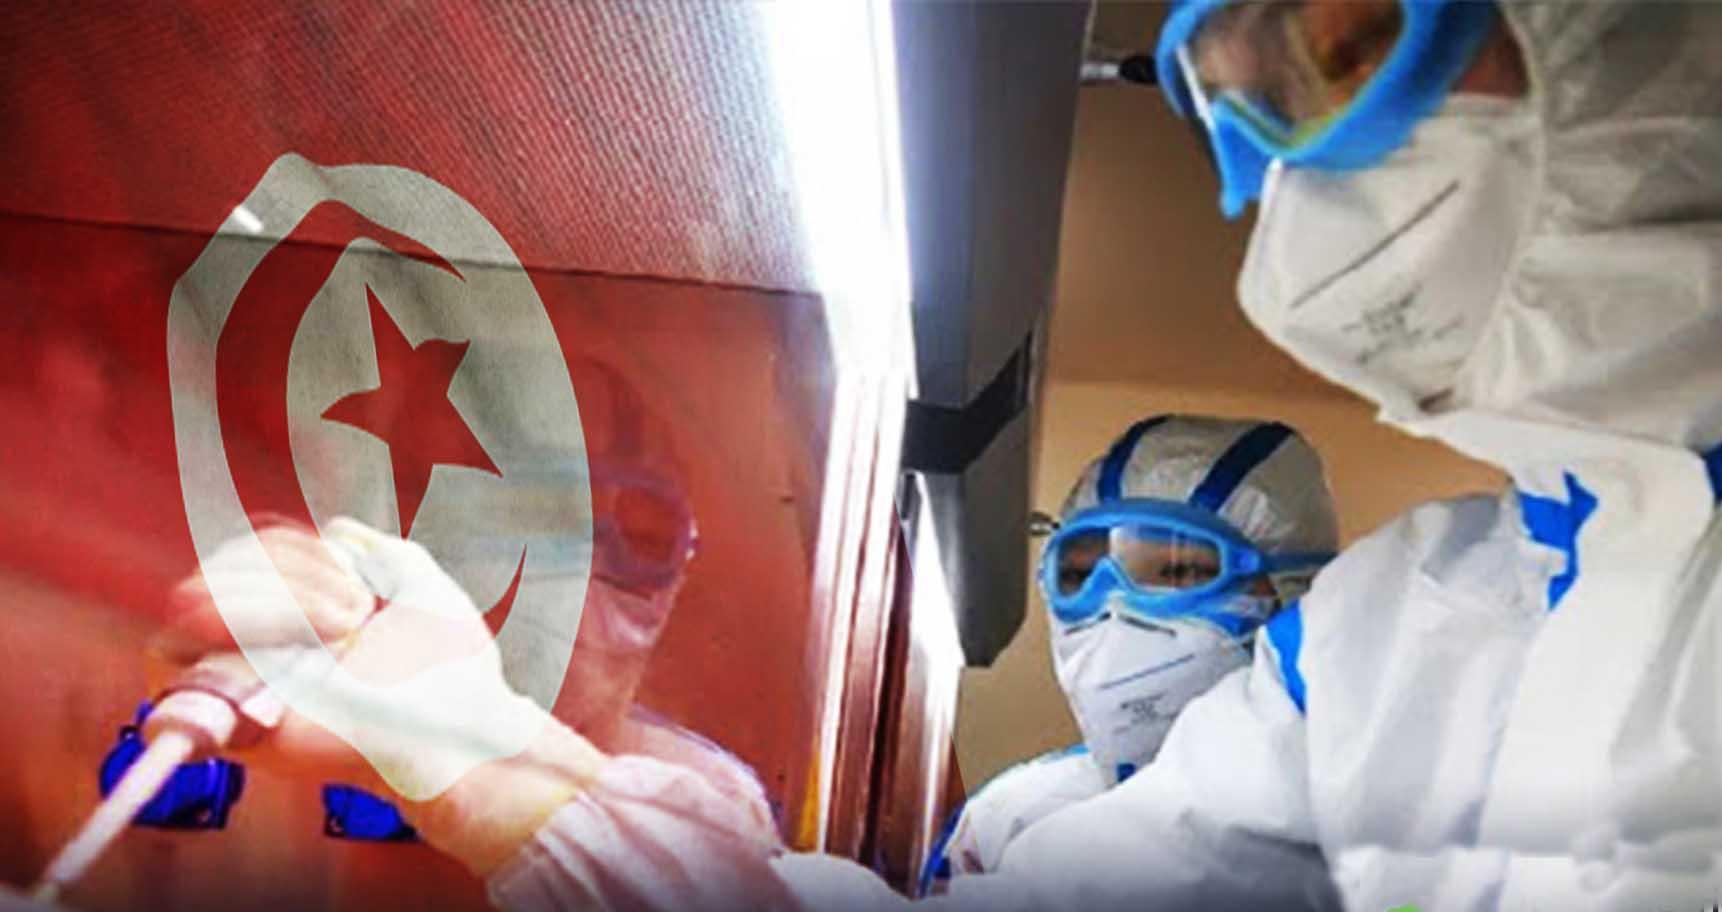 أخبار فيروس كورونا في صفاقس: 5 حالات إشتباه .. وعدد الخاضعين للحجر ...